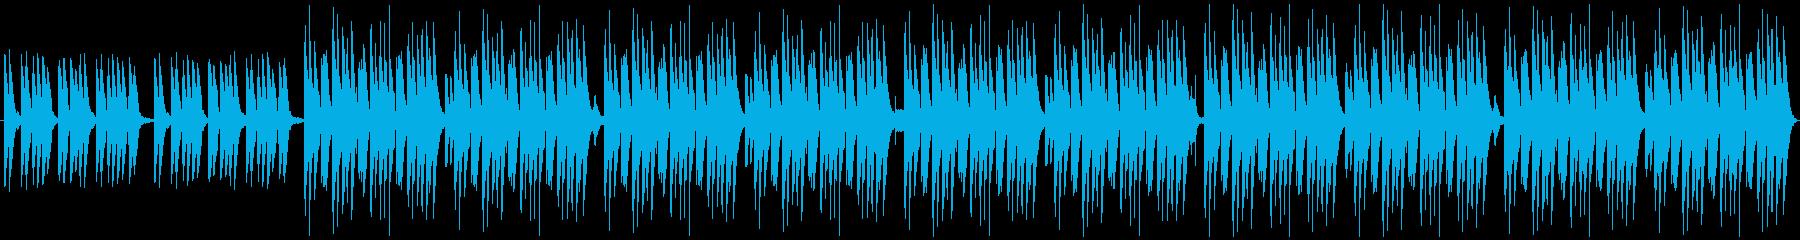 コミカル・まったり・日常・マリンバの再生済みの波形